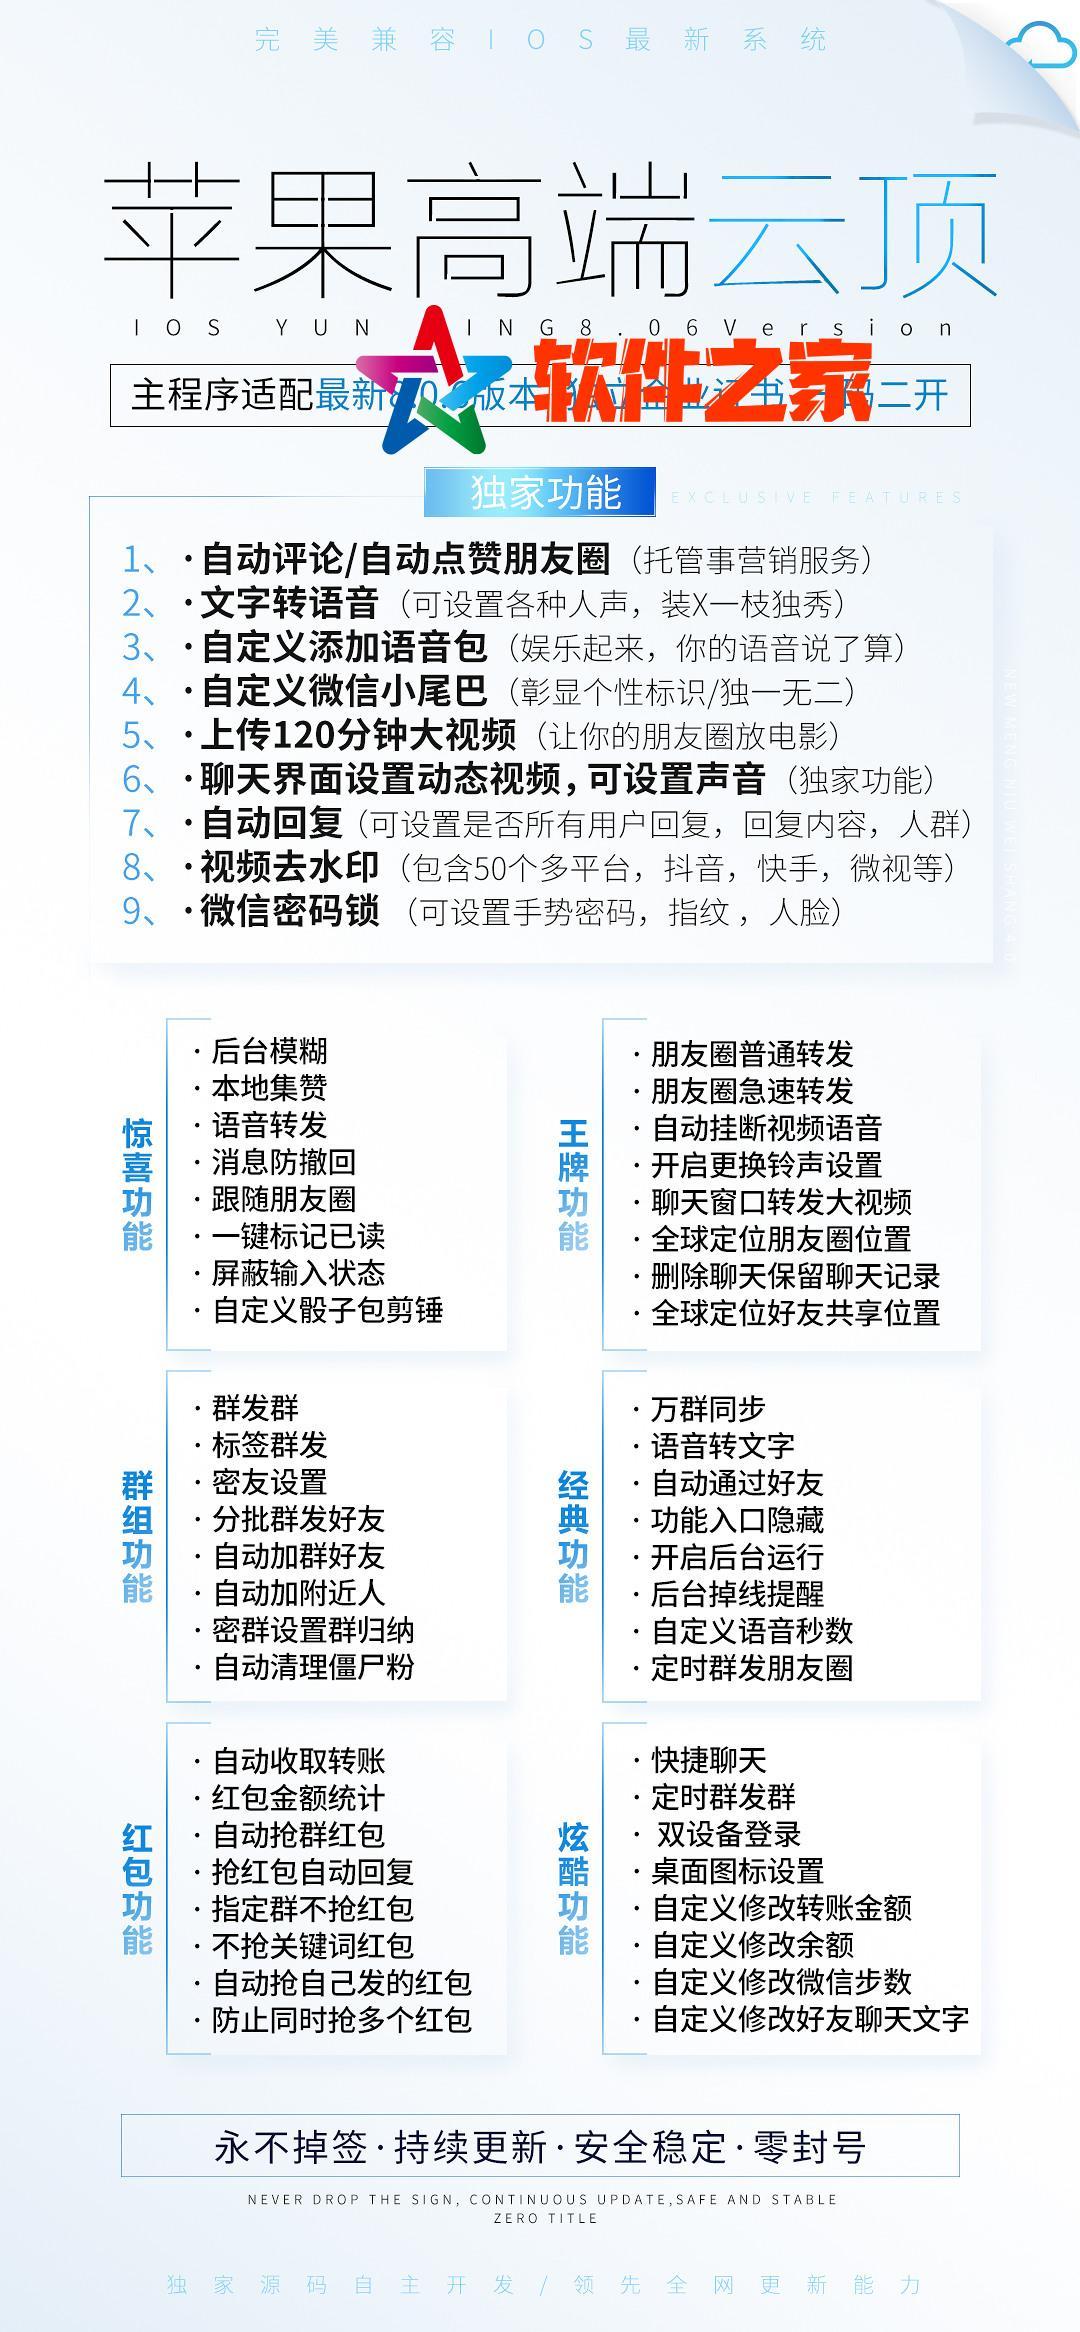 【苹果云顶官网下载更新地址激活授权码】苹果ios微信多开分身一键转发大视频支持苹果最新系统独立企业证书一码双开